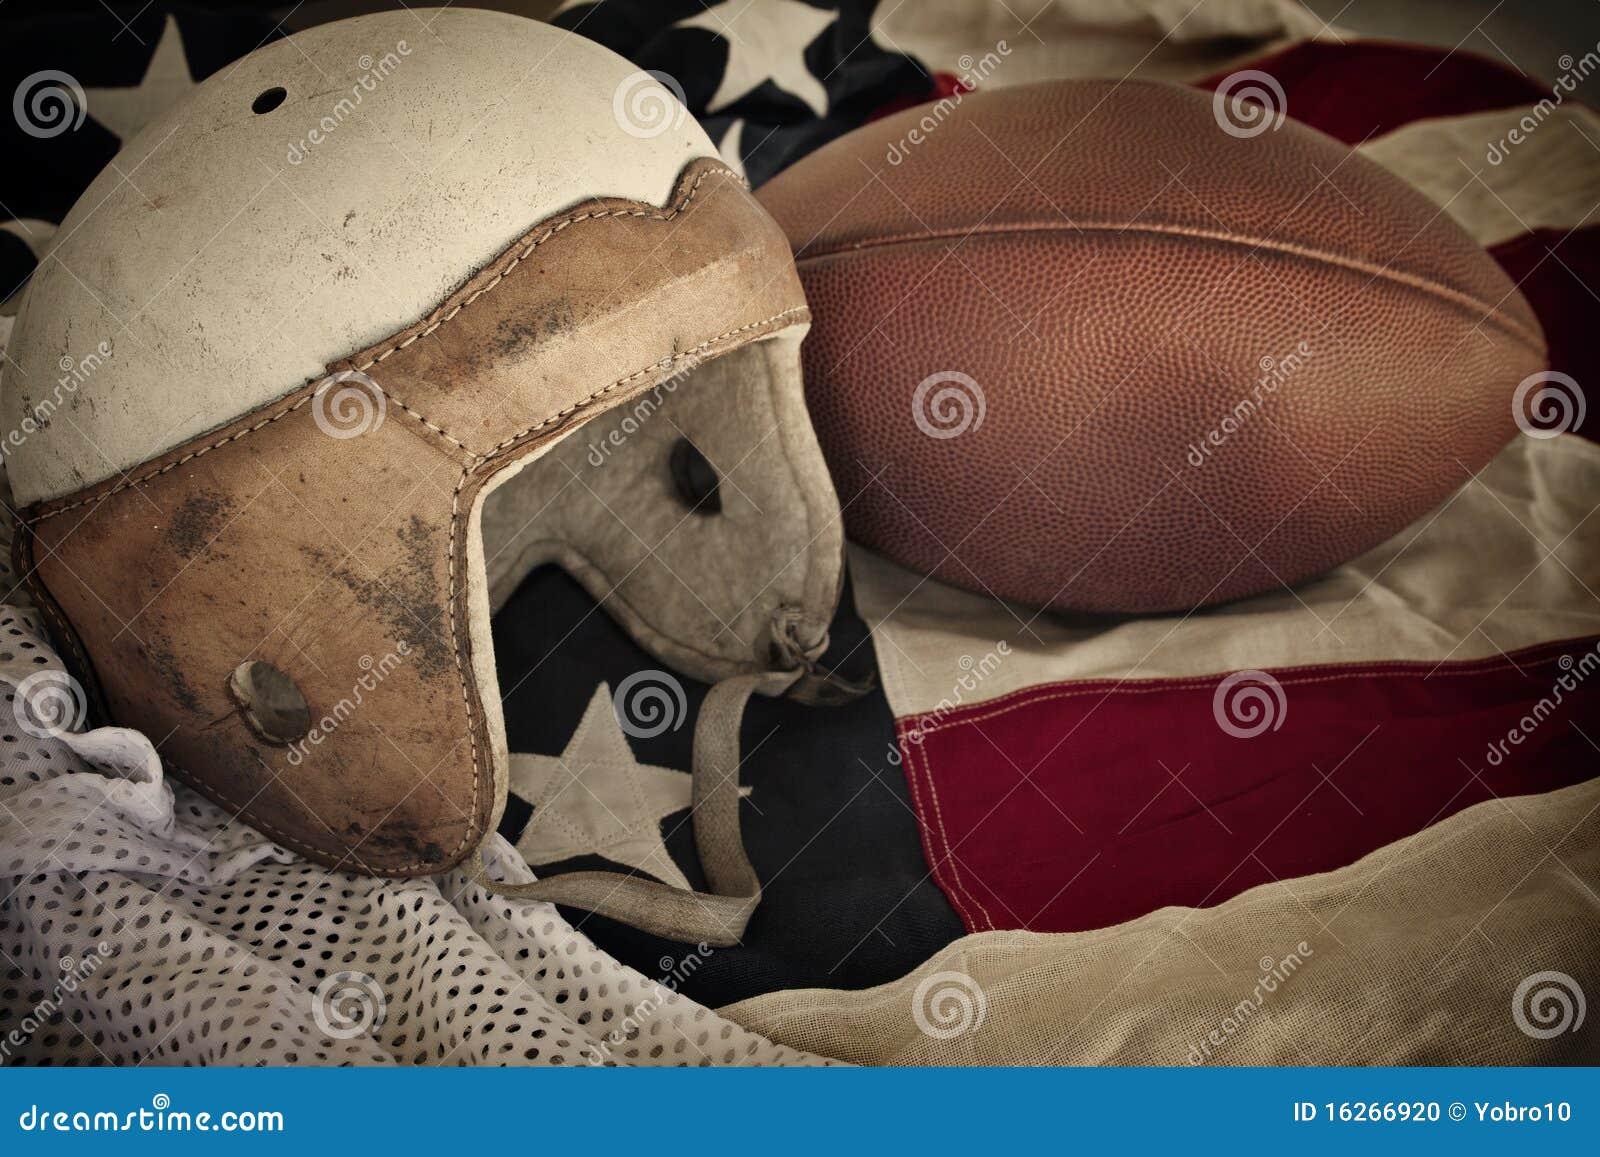 Vintage Leather Football Helmet Background Stock Photo ...